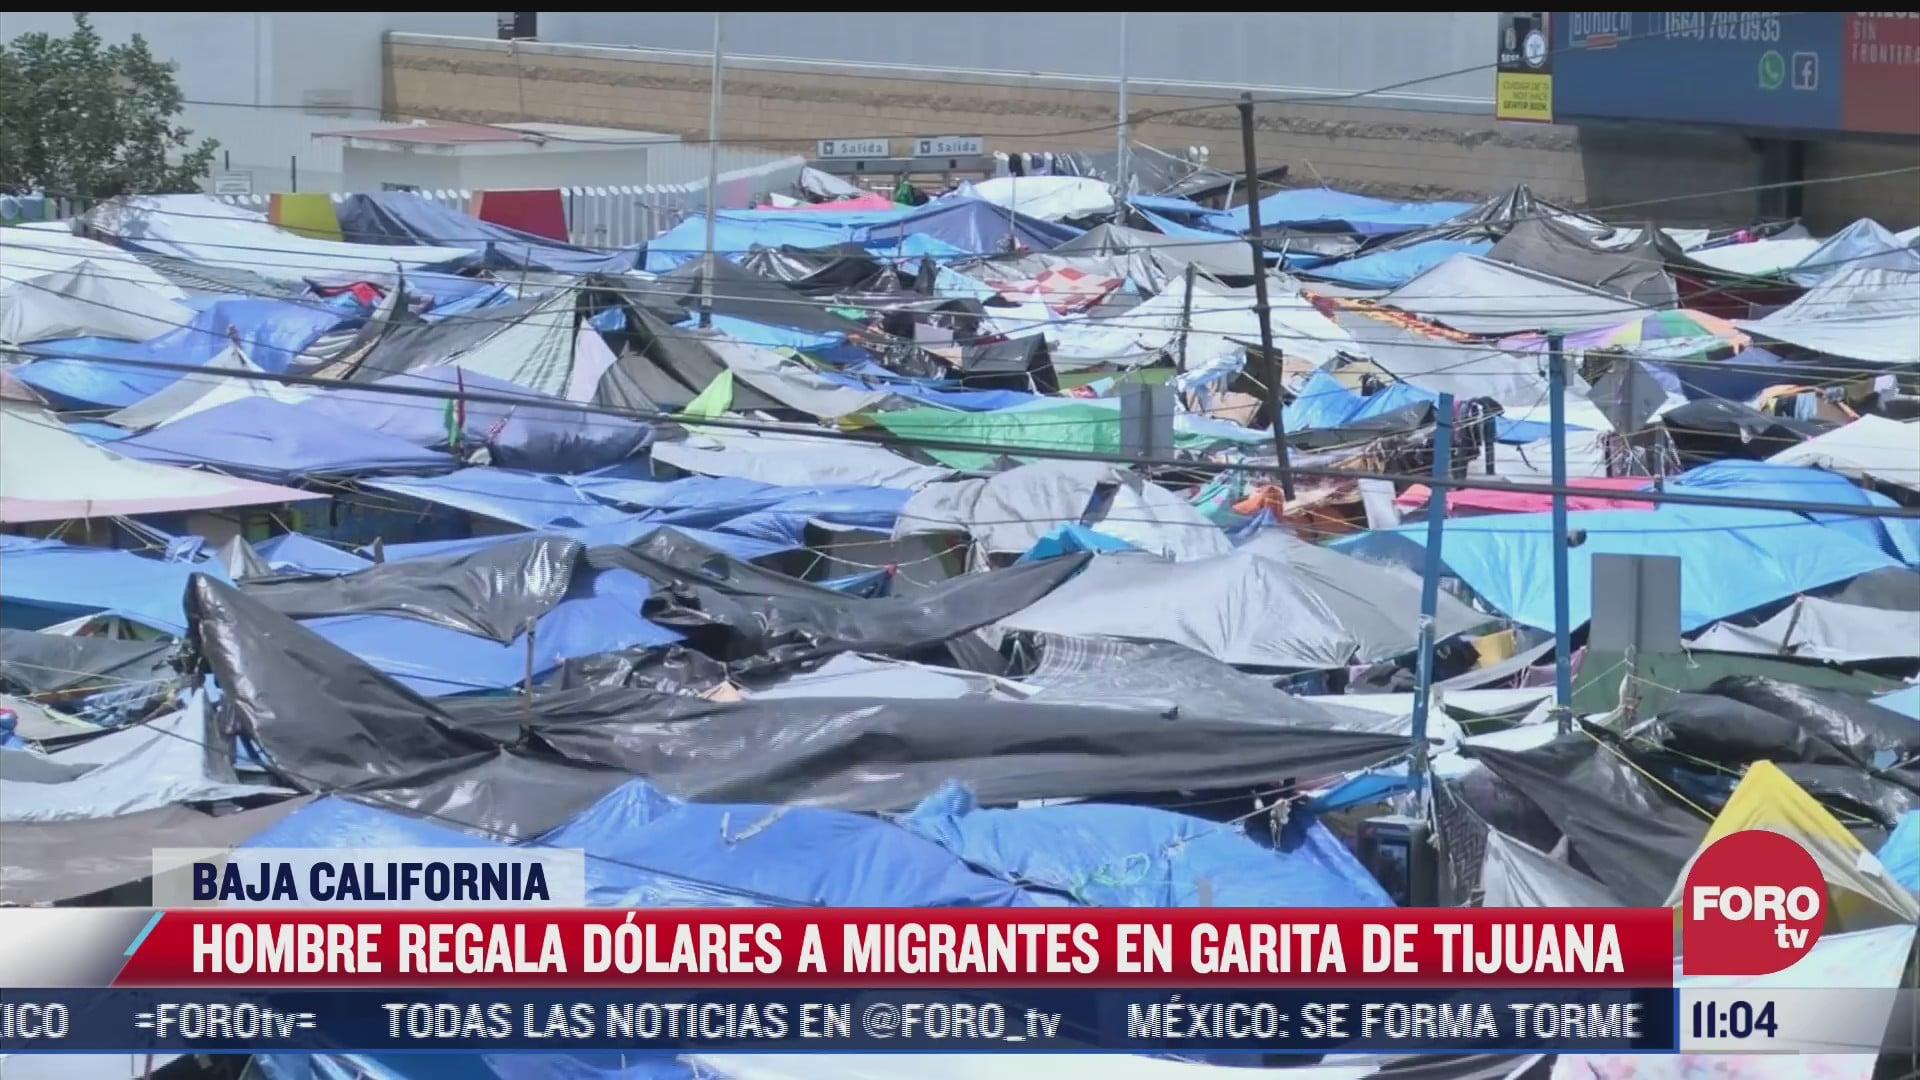 hombre regala dolares a migrantes en garita de tijuana